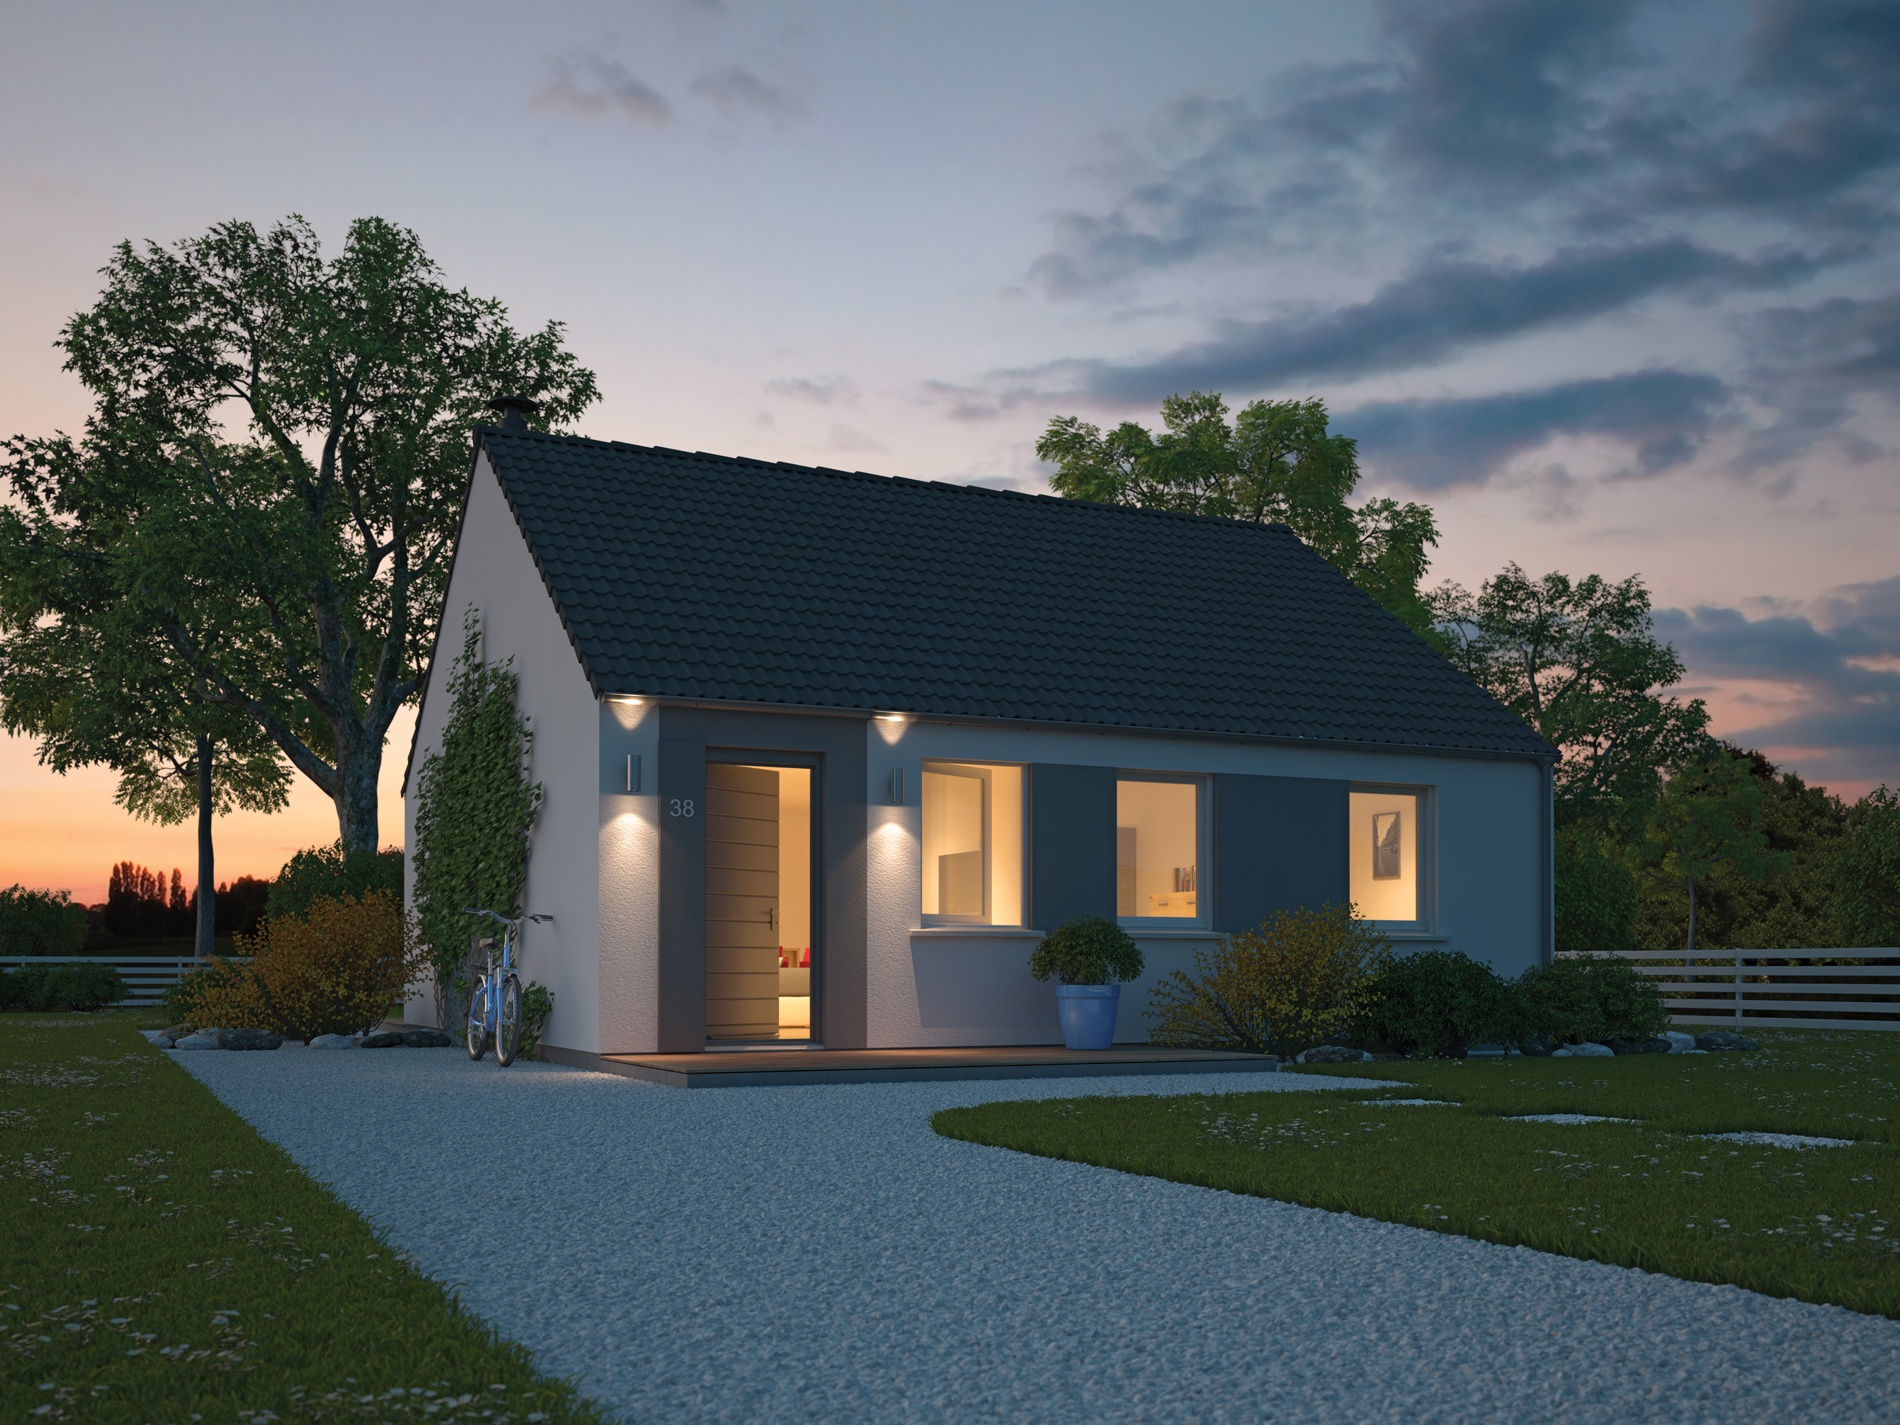 Maisons + Terrains du constructeur MAISONS PHENIX GAVRELLE • 70 m² • LIEVIN